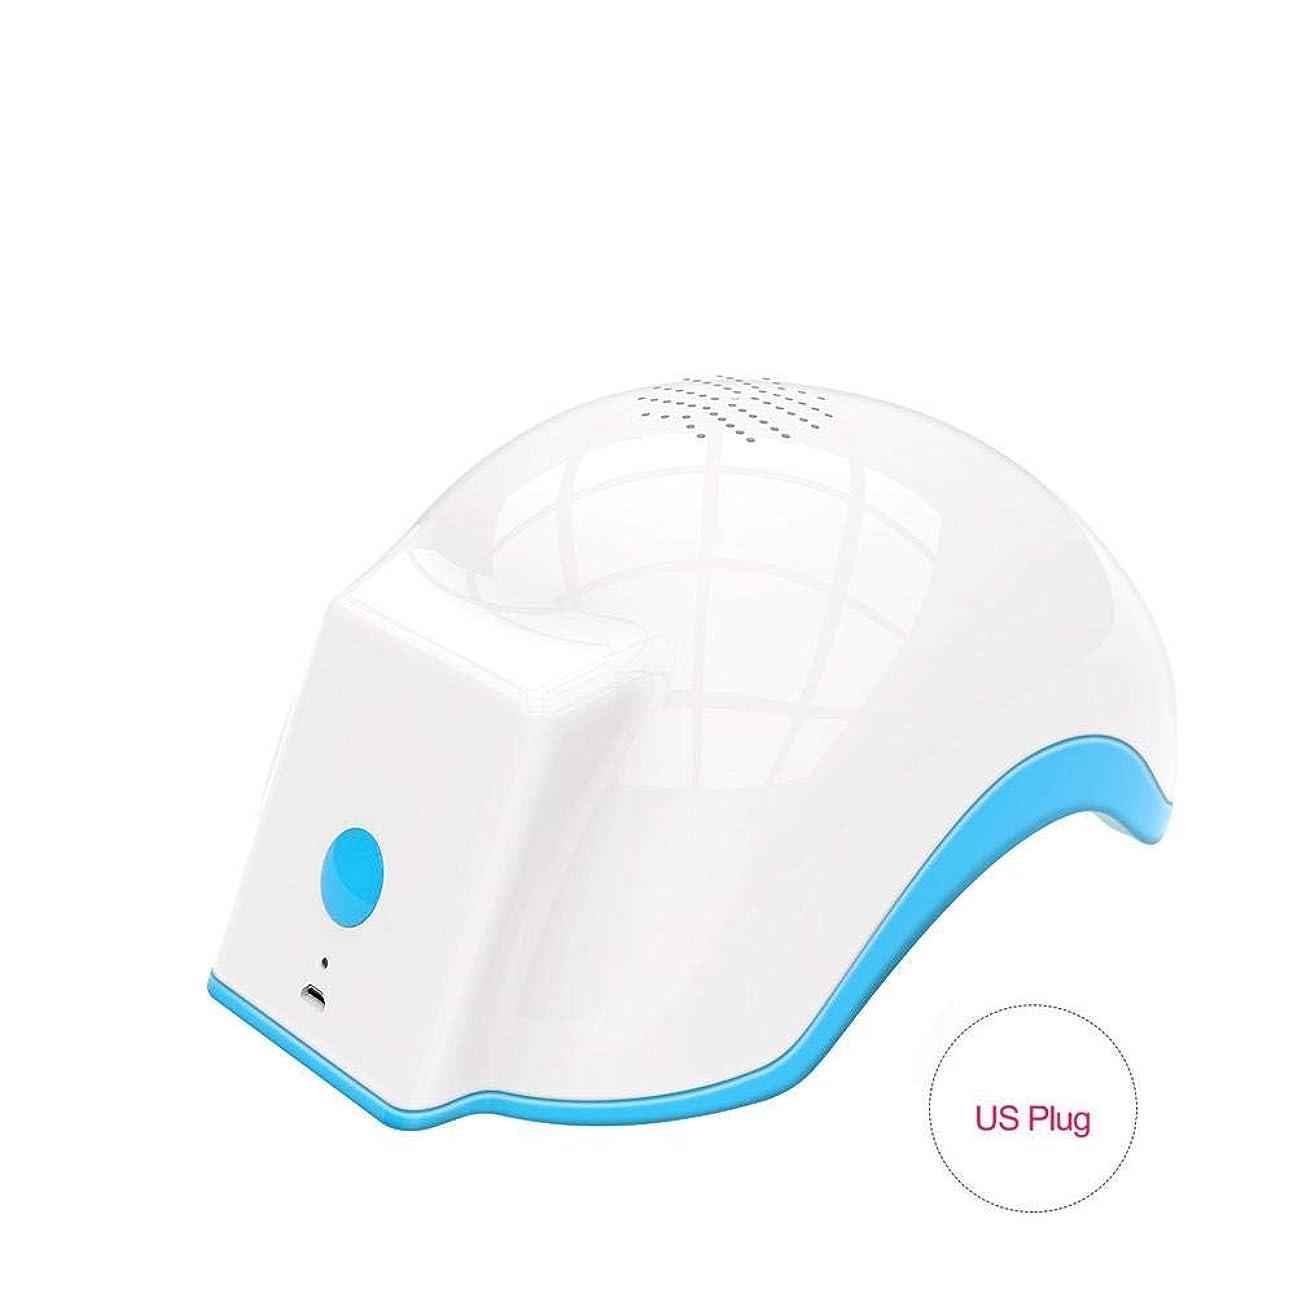 必要とする分割涙が出るヘアトリートメント、100-240v脱毛治療法脱毛症ヘルペス(US Plug)